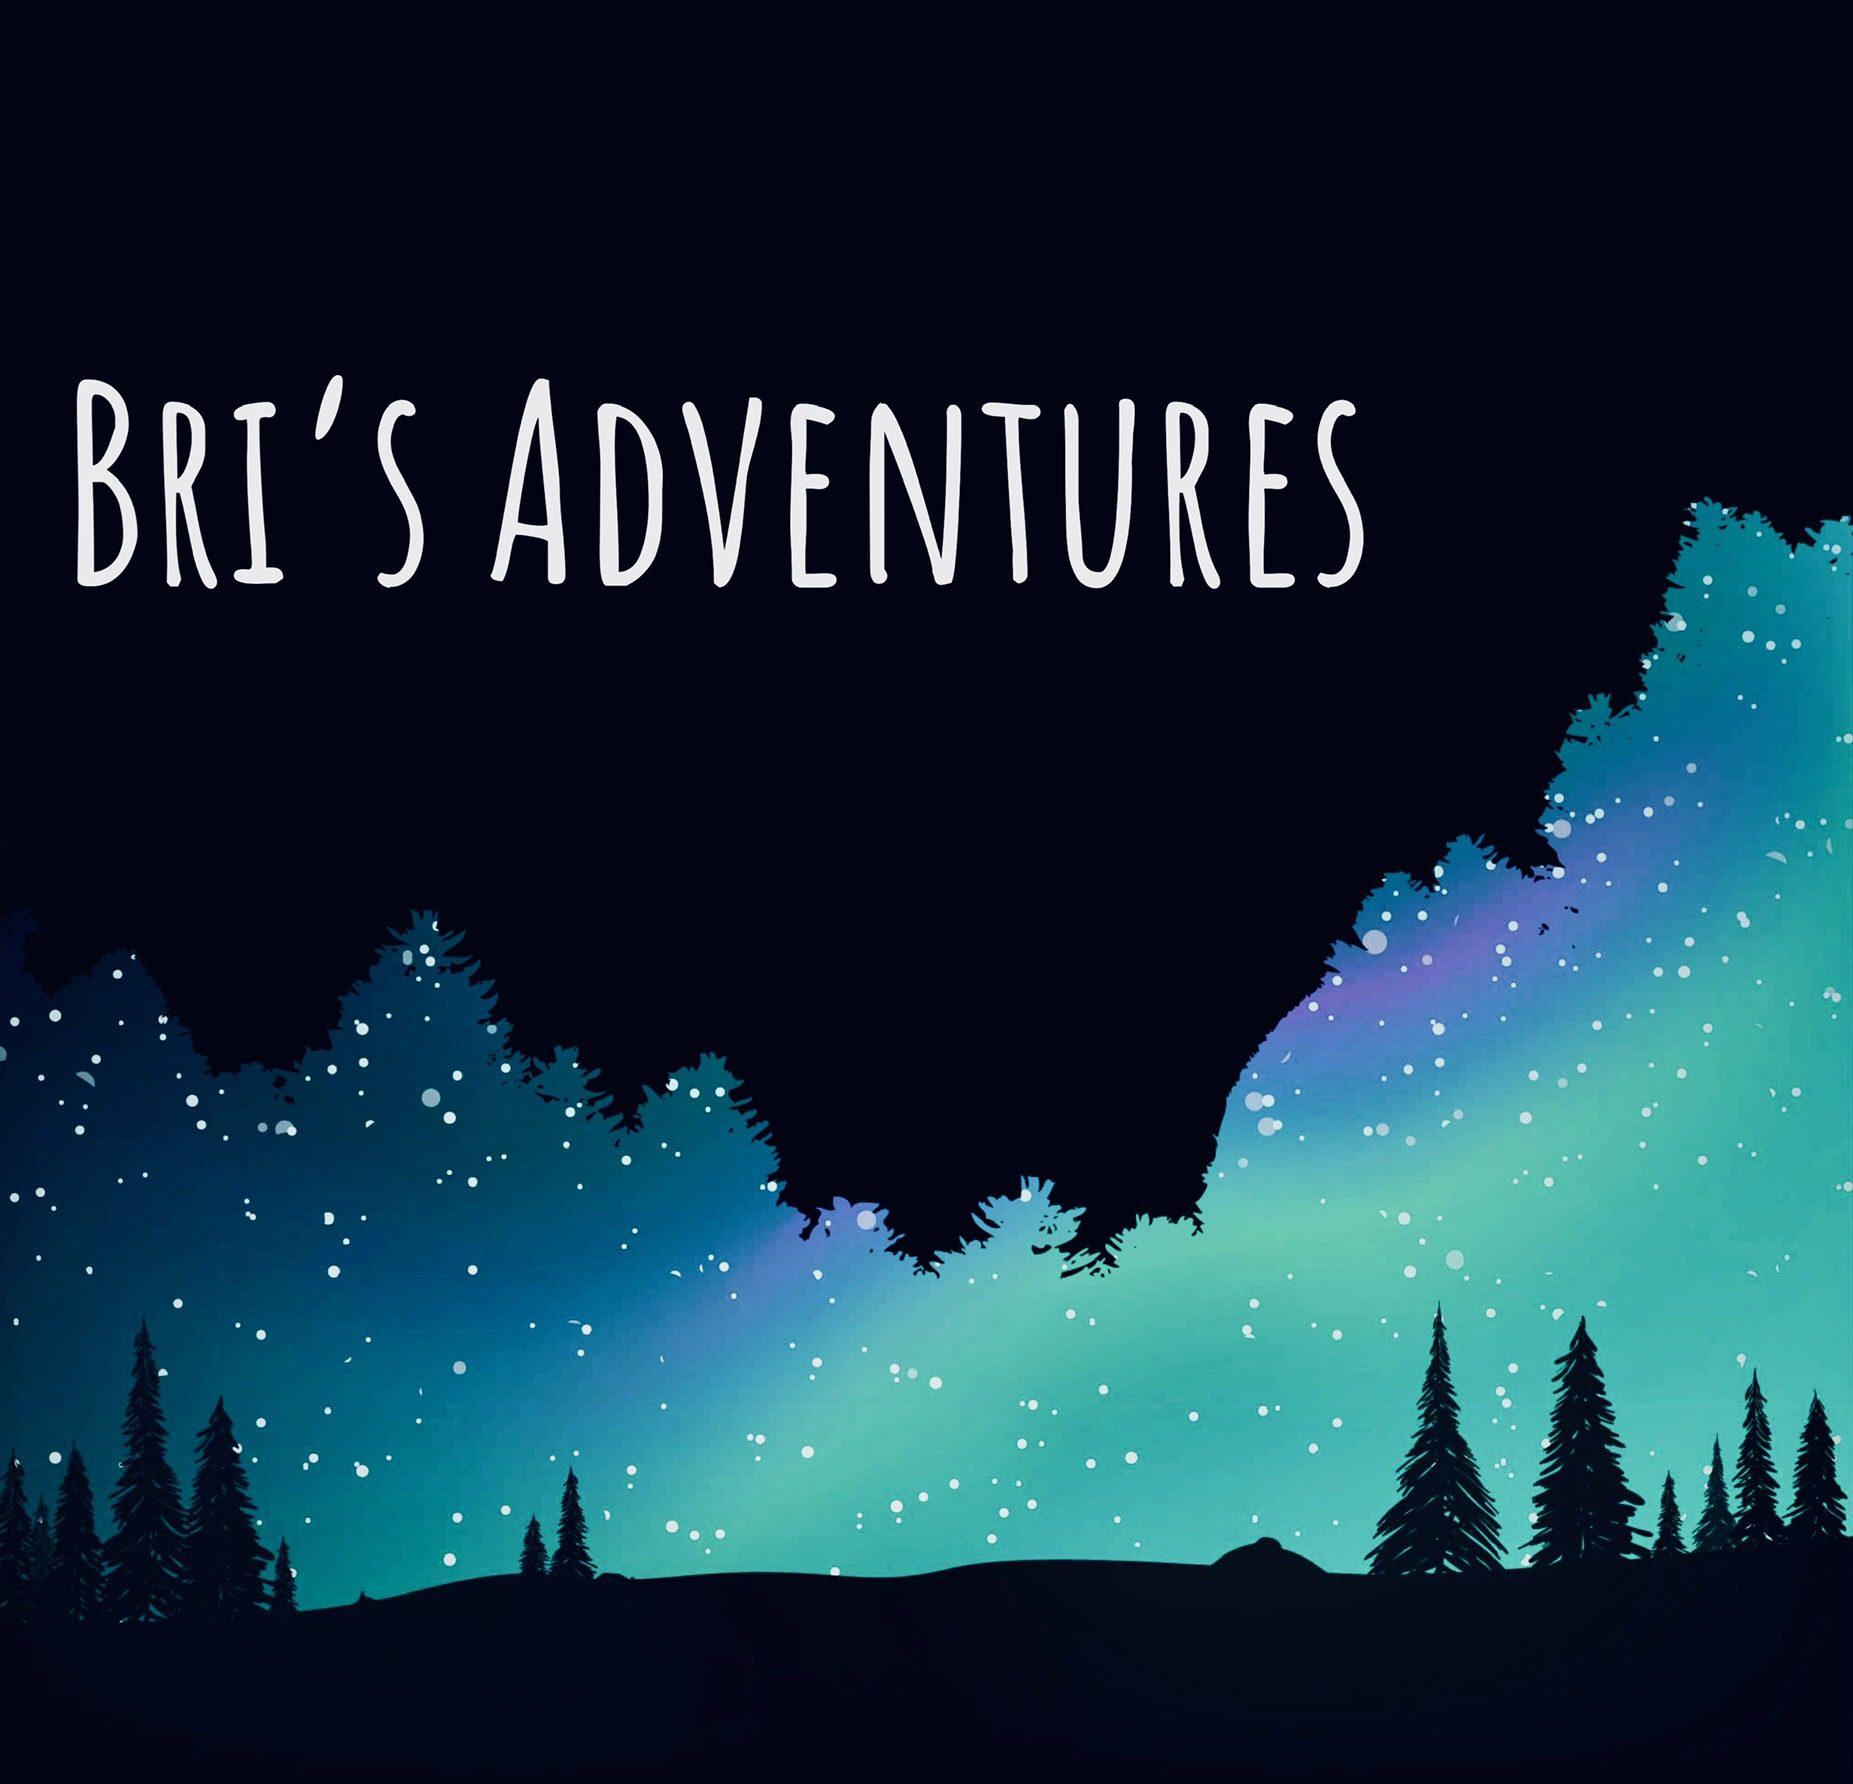 Bri's Adventure